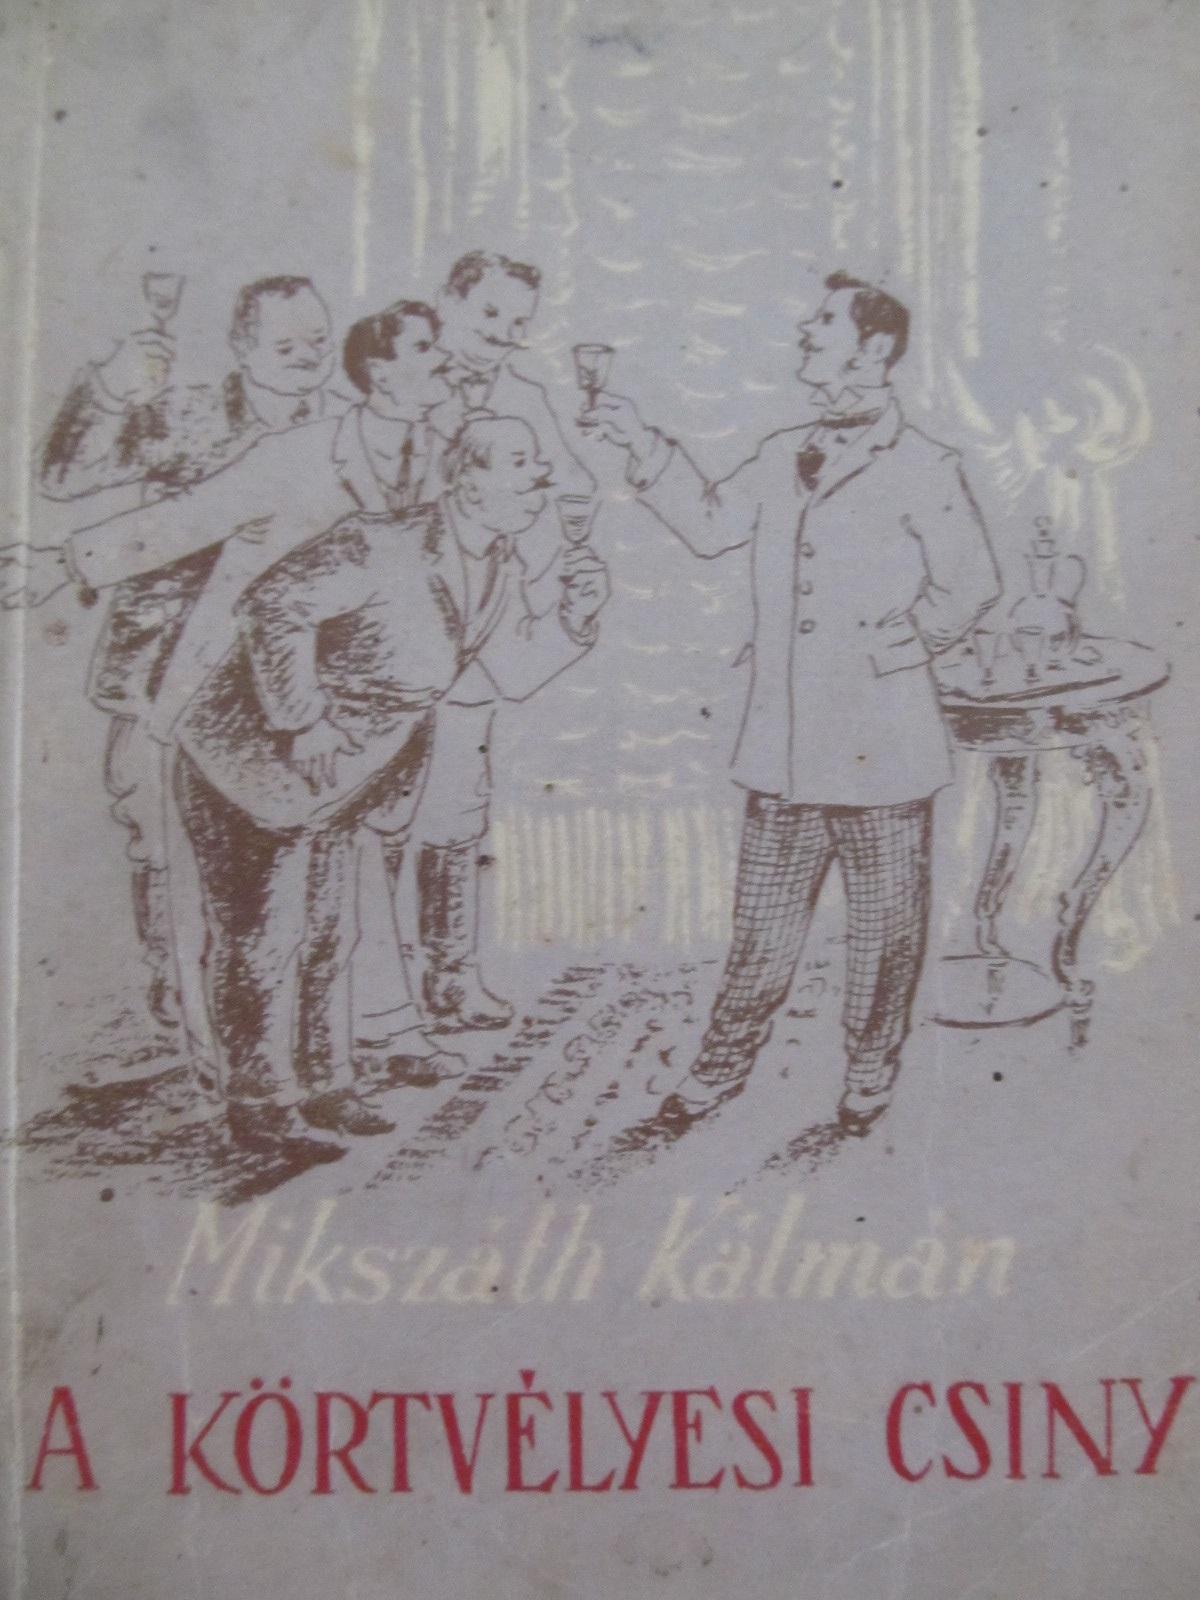 A kortvelyesi csiny - Mikszath Kalman | Detalii carte